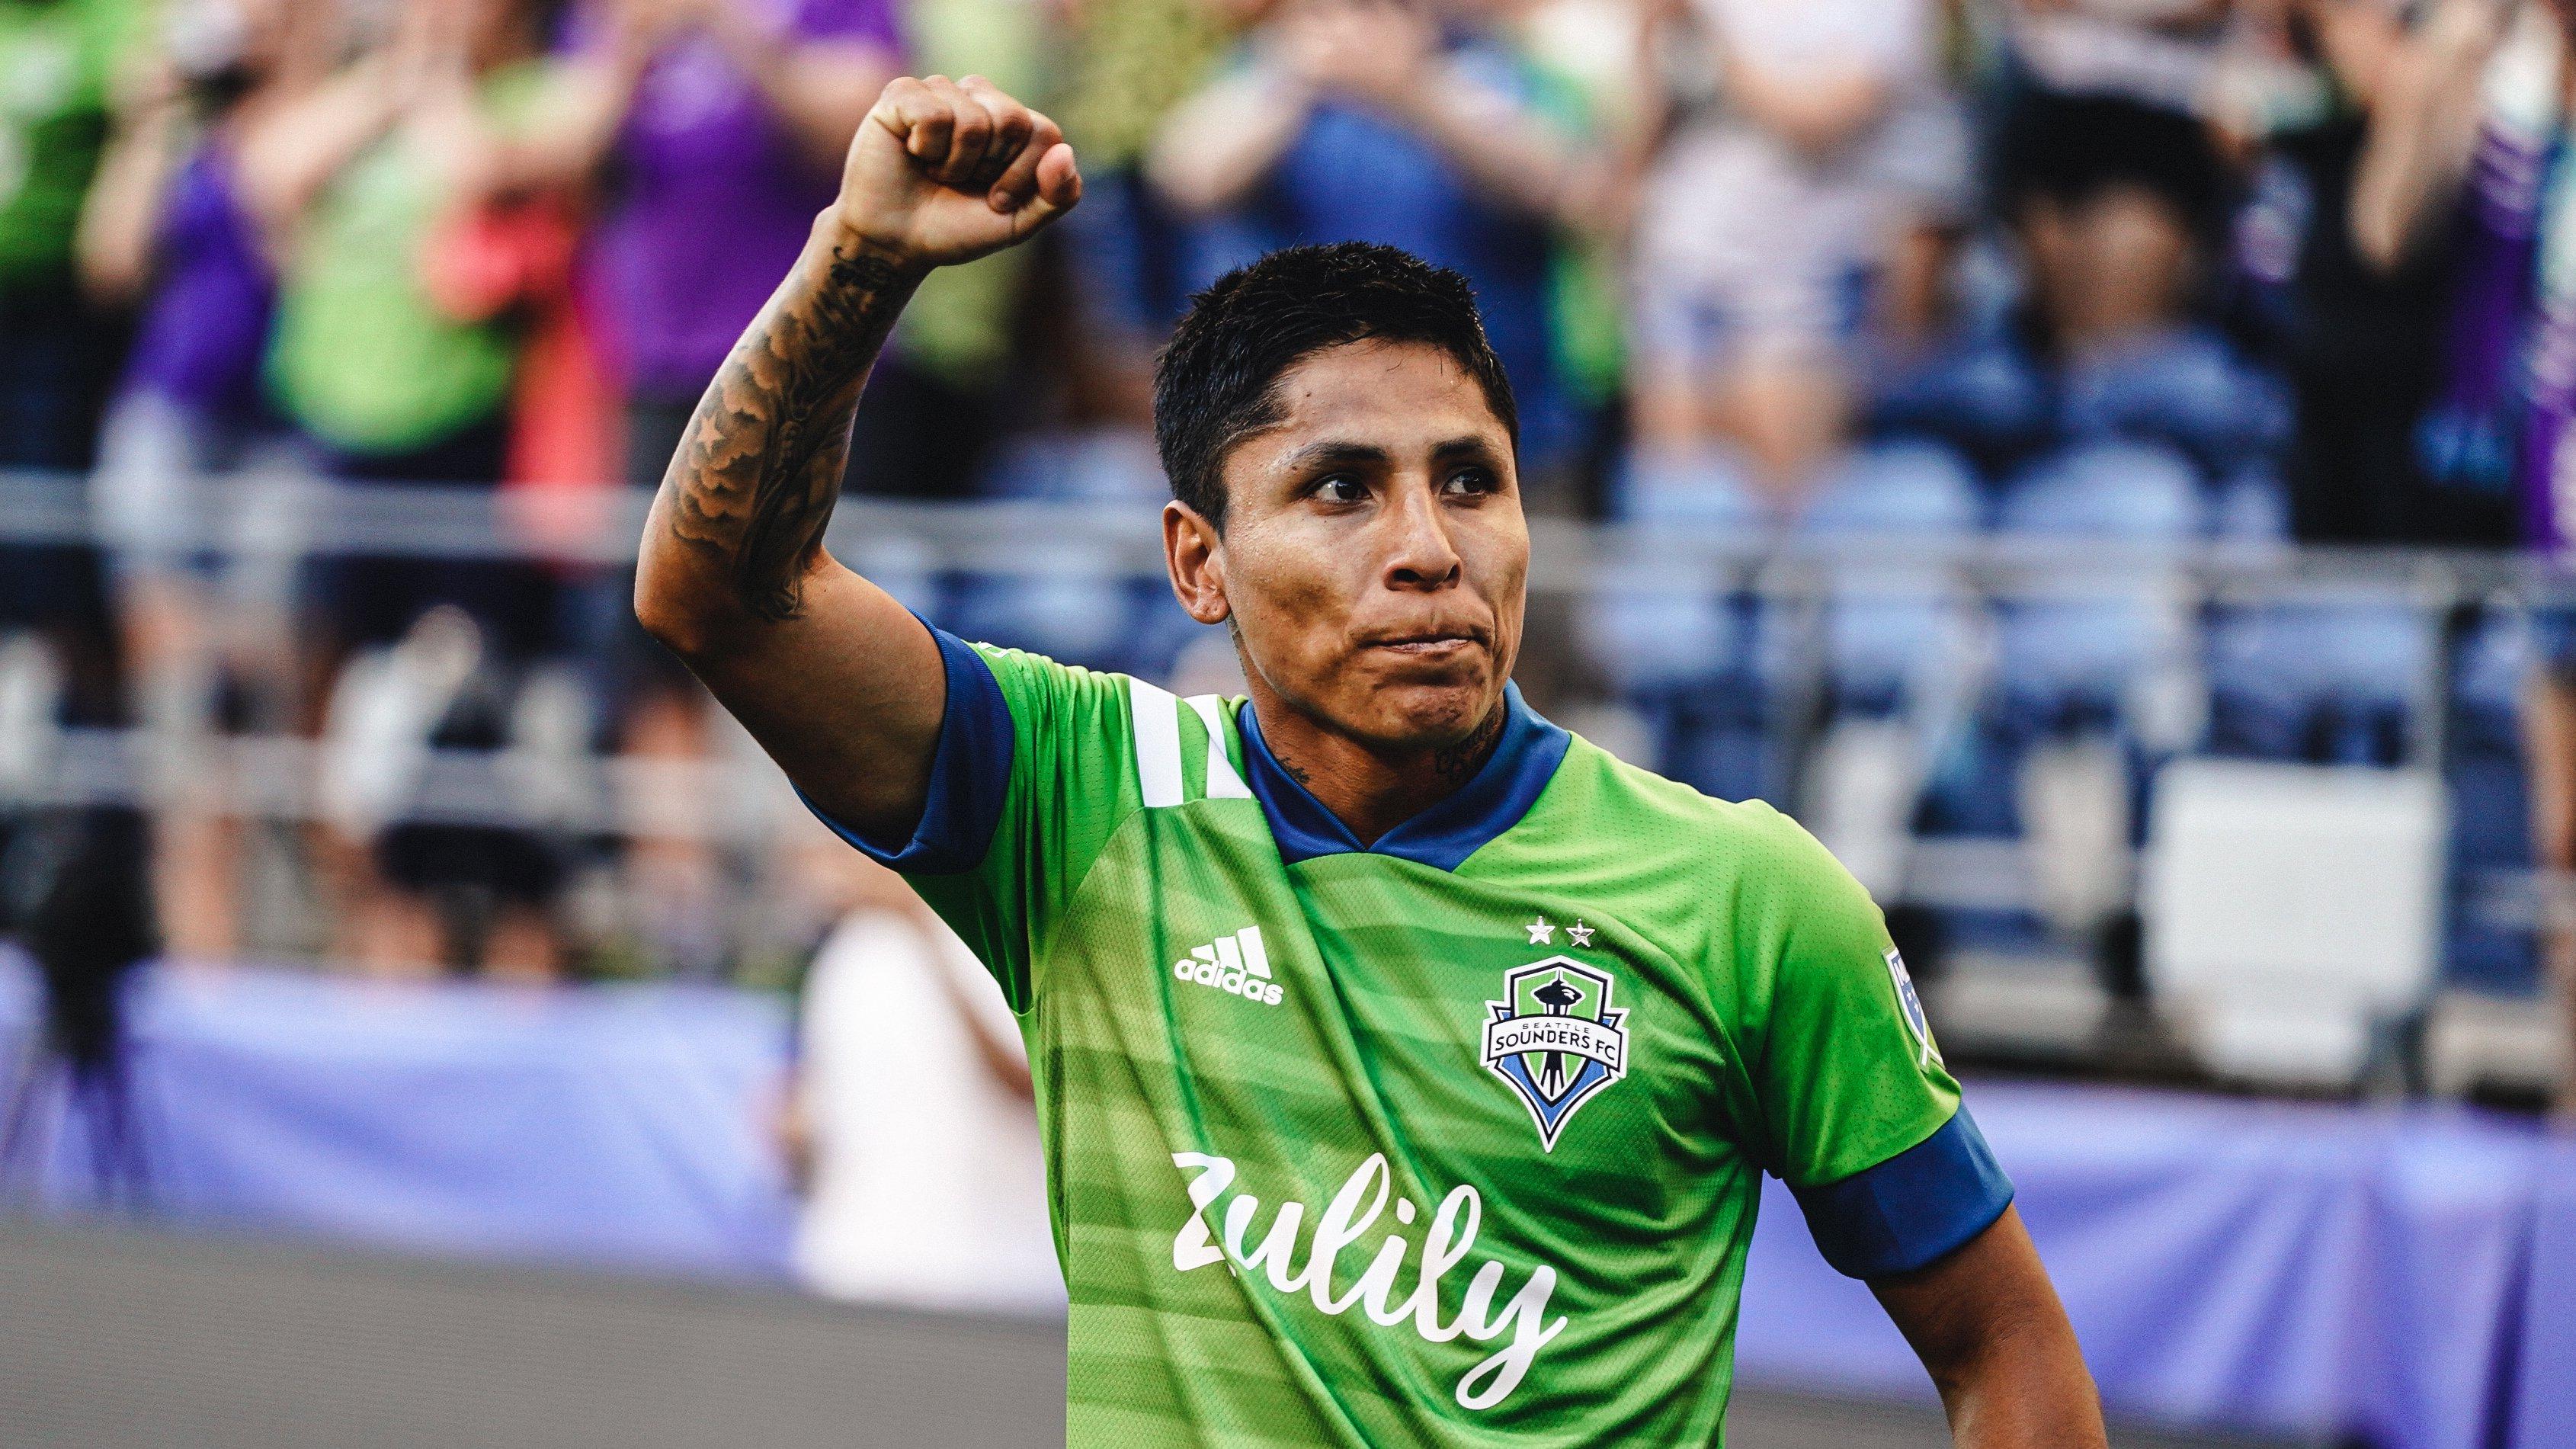 Raúl Ruidíaz anotó soberbio tanto y pelea con el 'Chicharito' Hernández por ser el goleador de la MLS